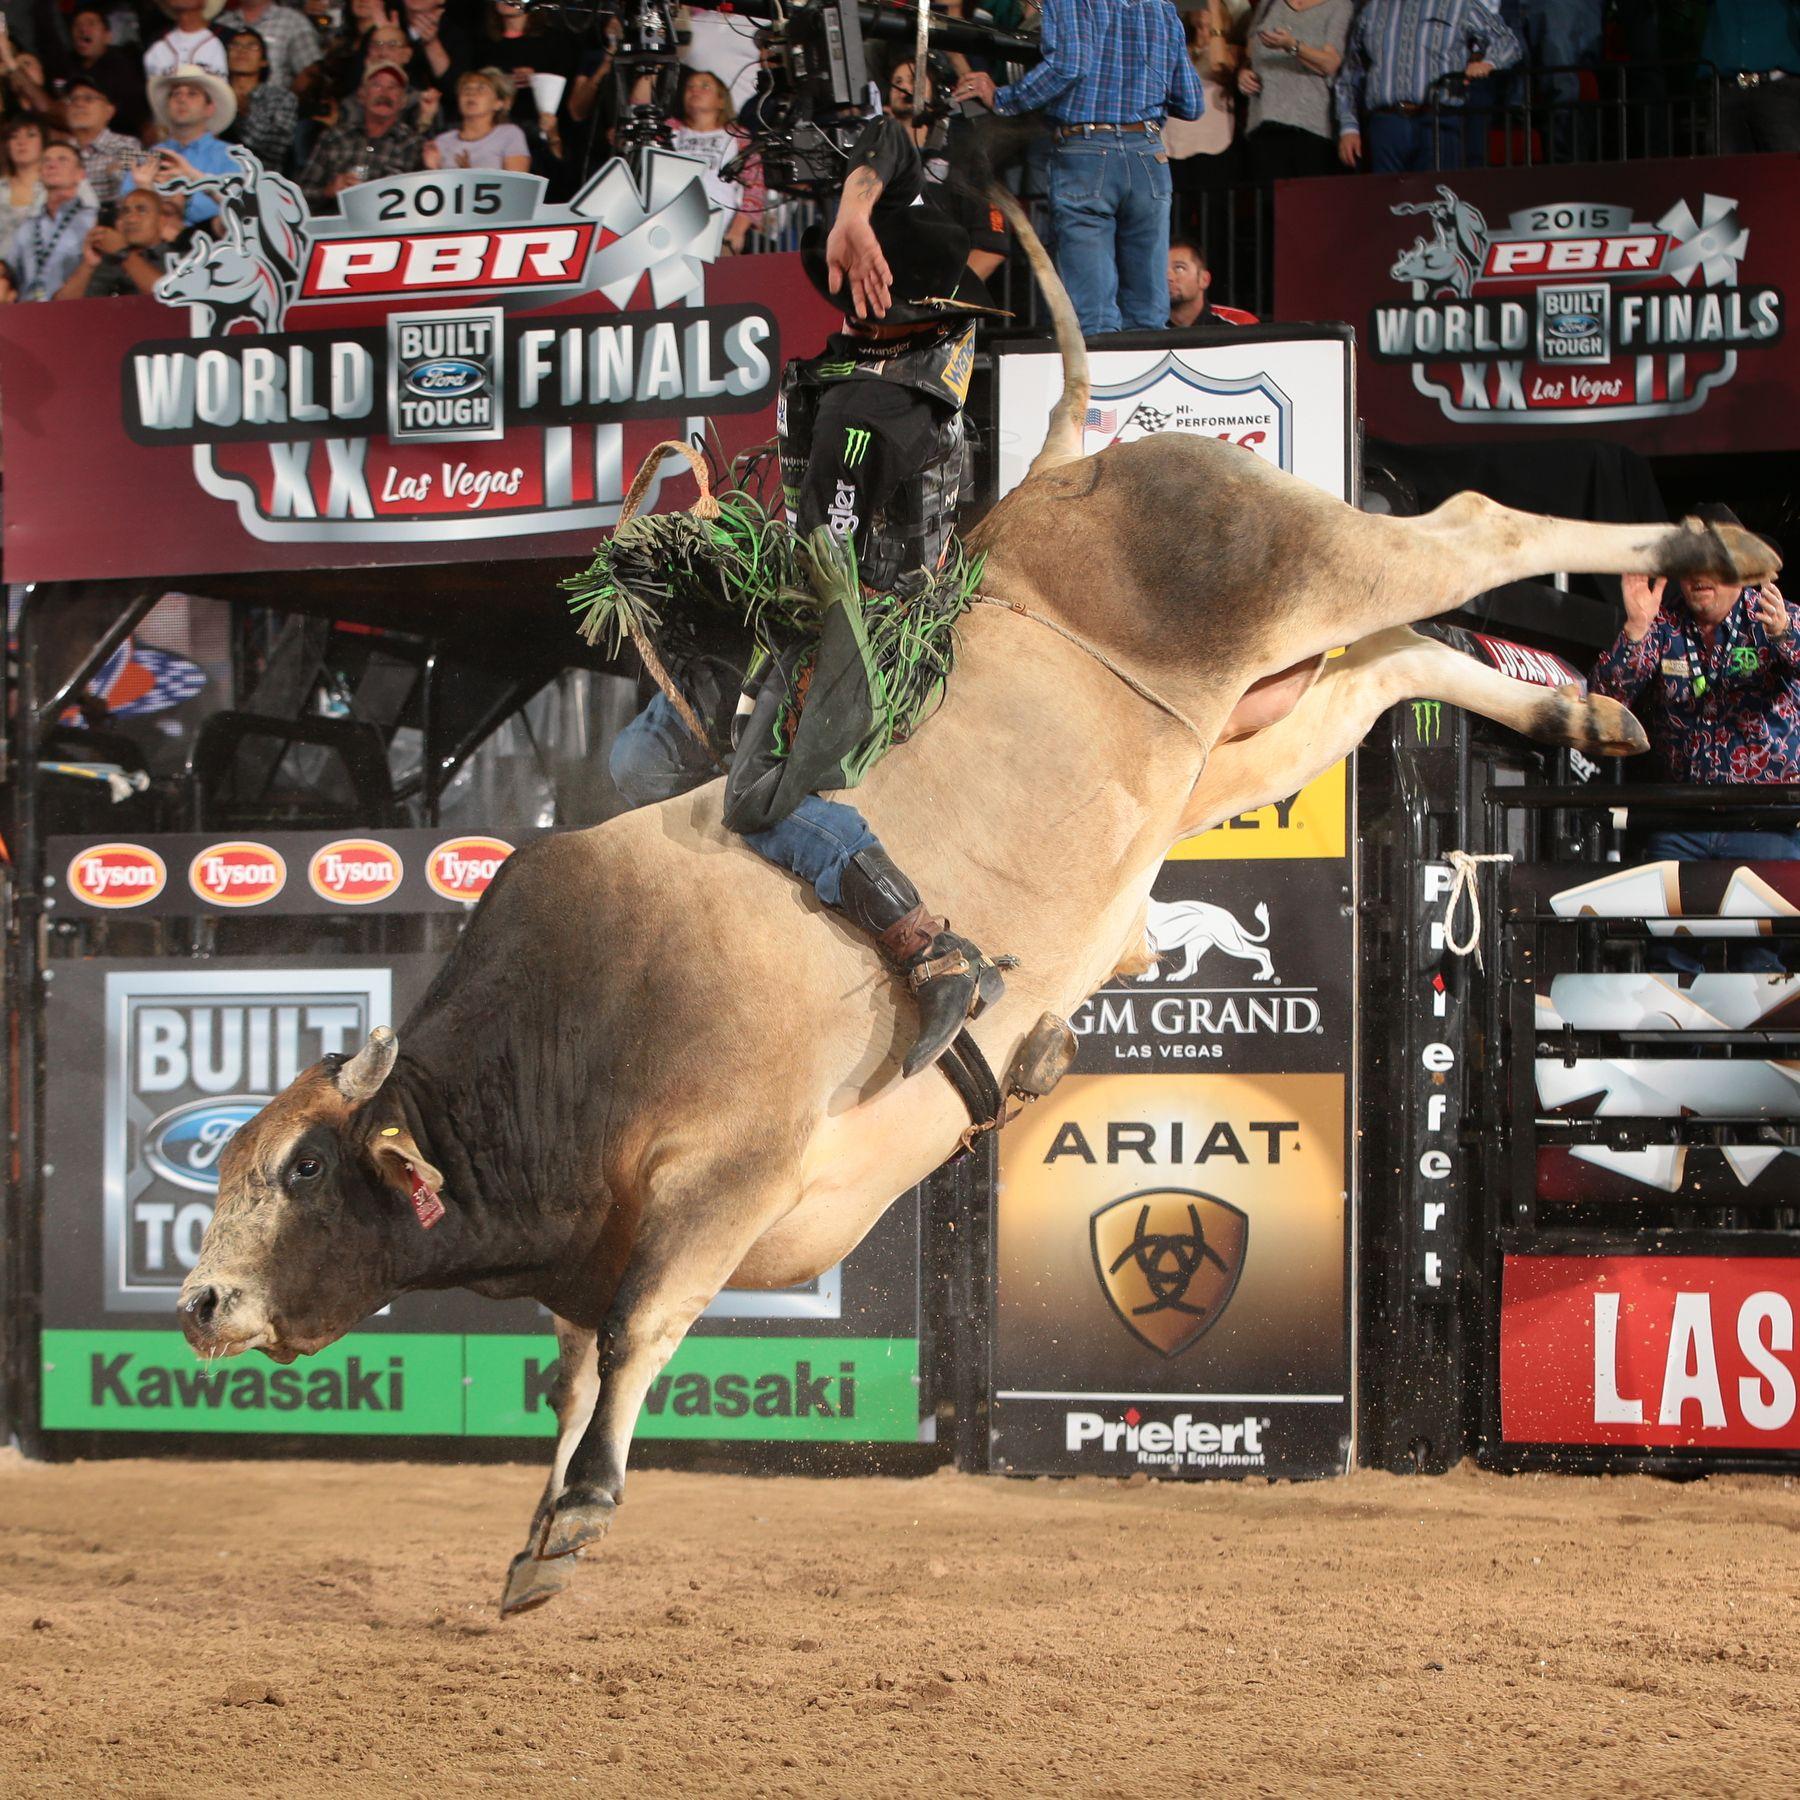 Bruiser Pbr World Champion Bull Contender D Amp H Cattle Co Jb Mauney Rides For 92